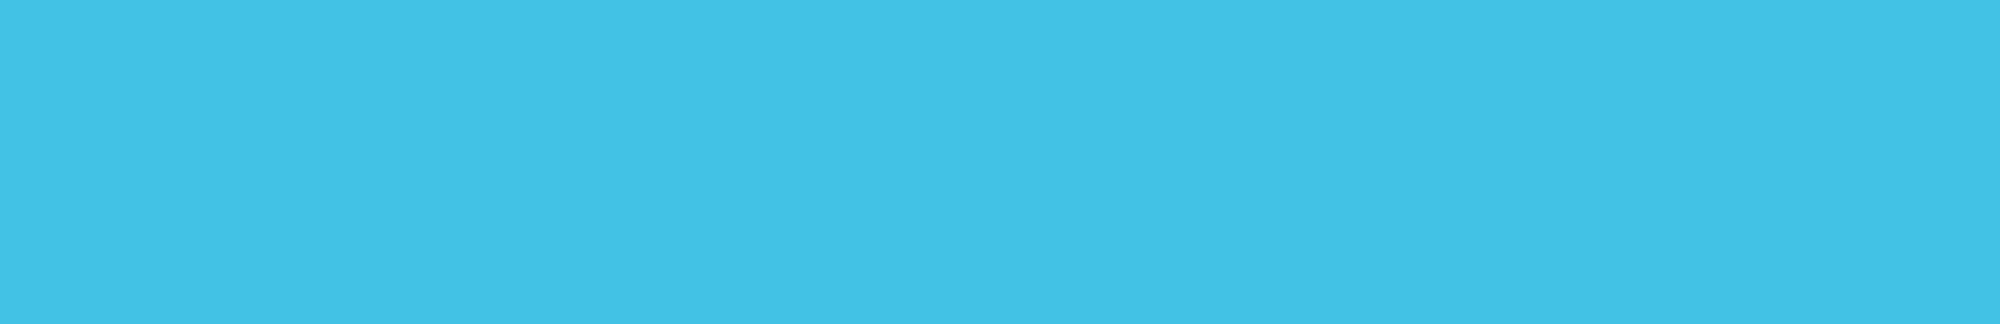 Valdres Energi NETT logo